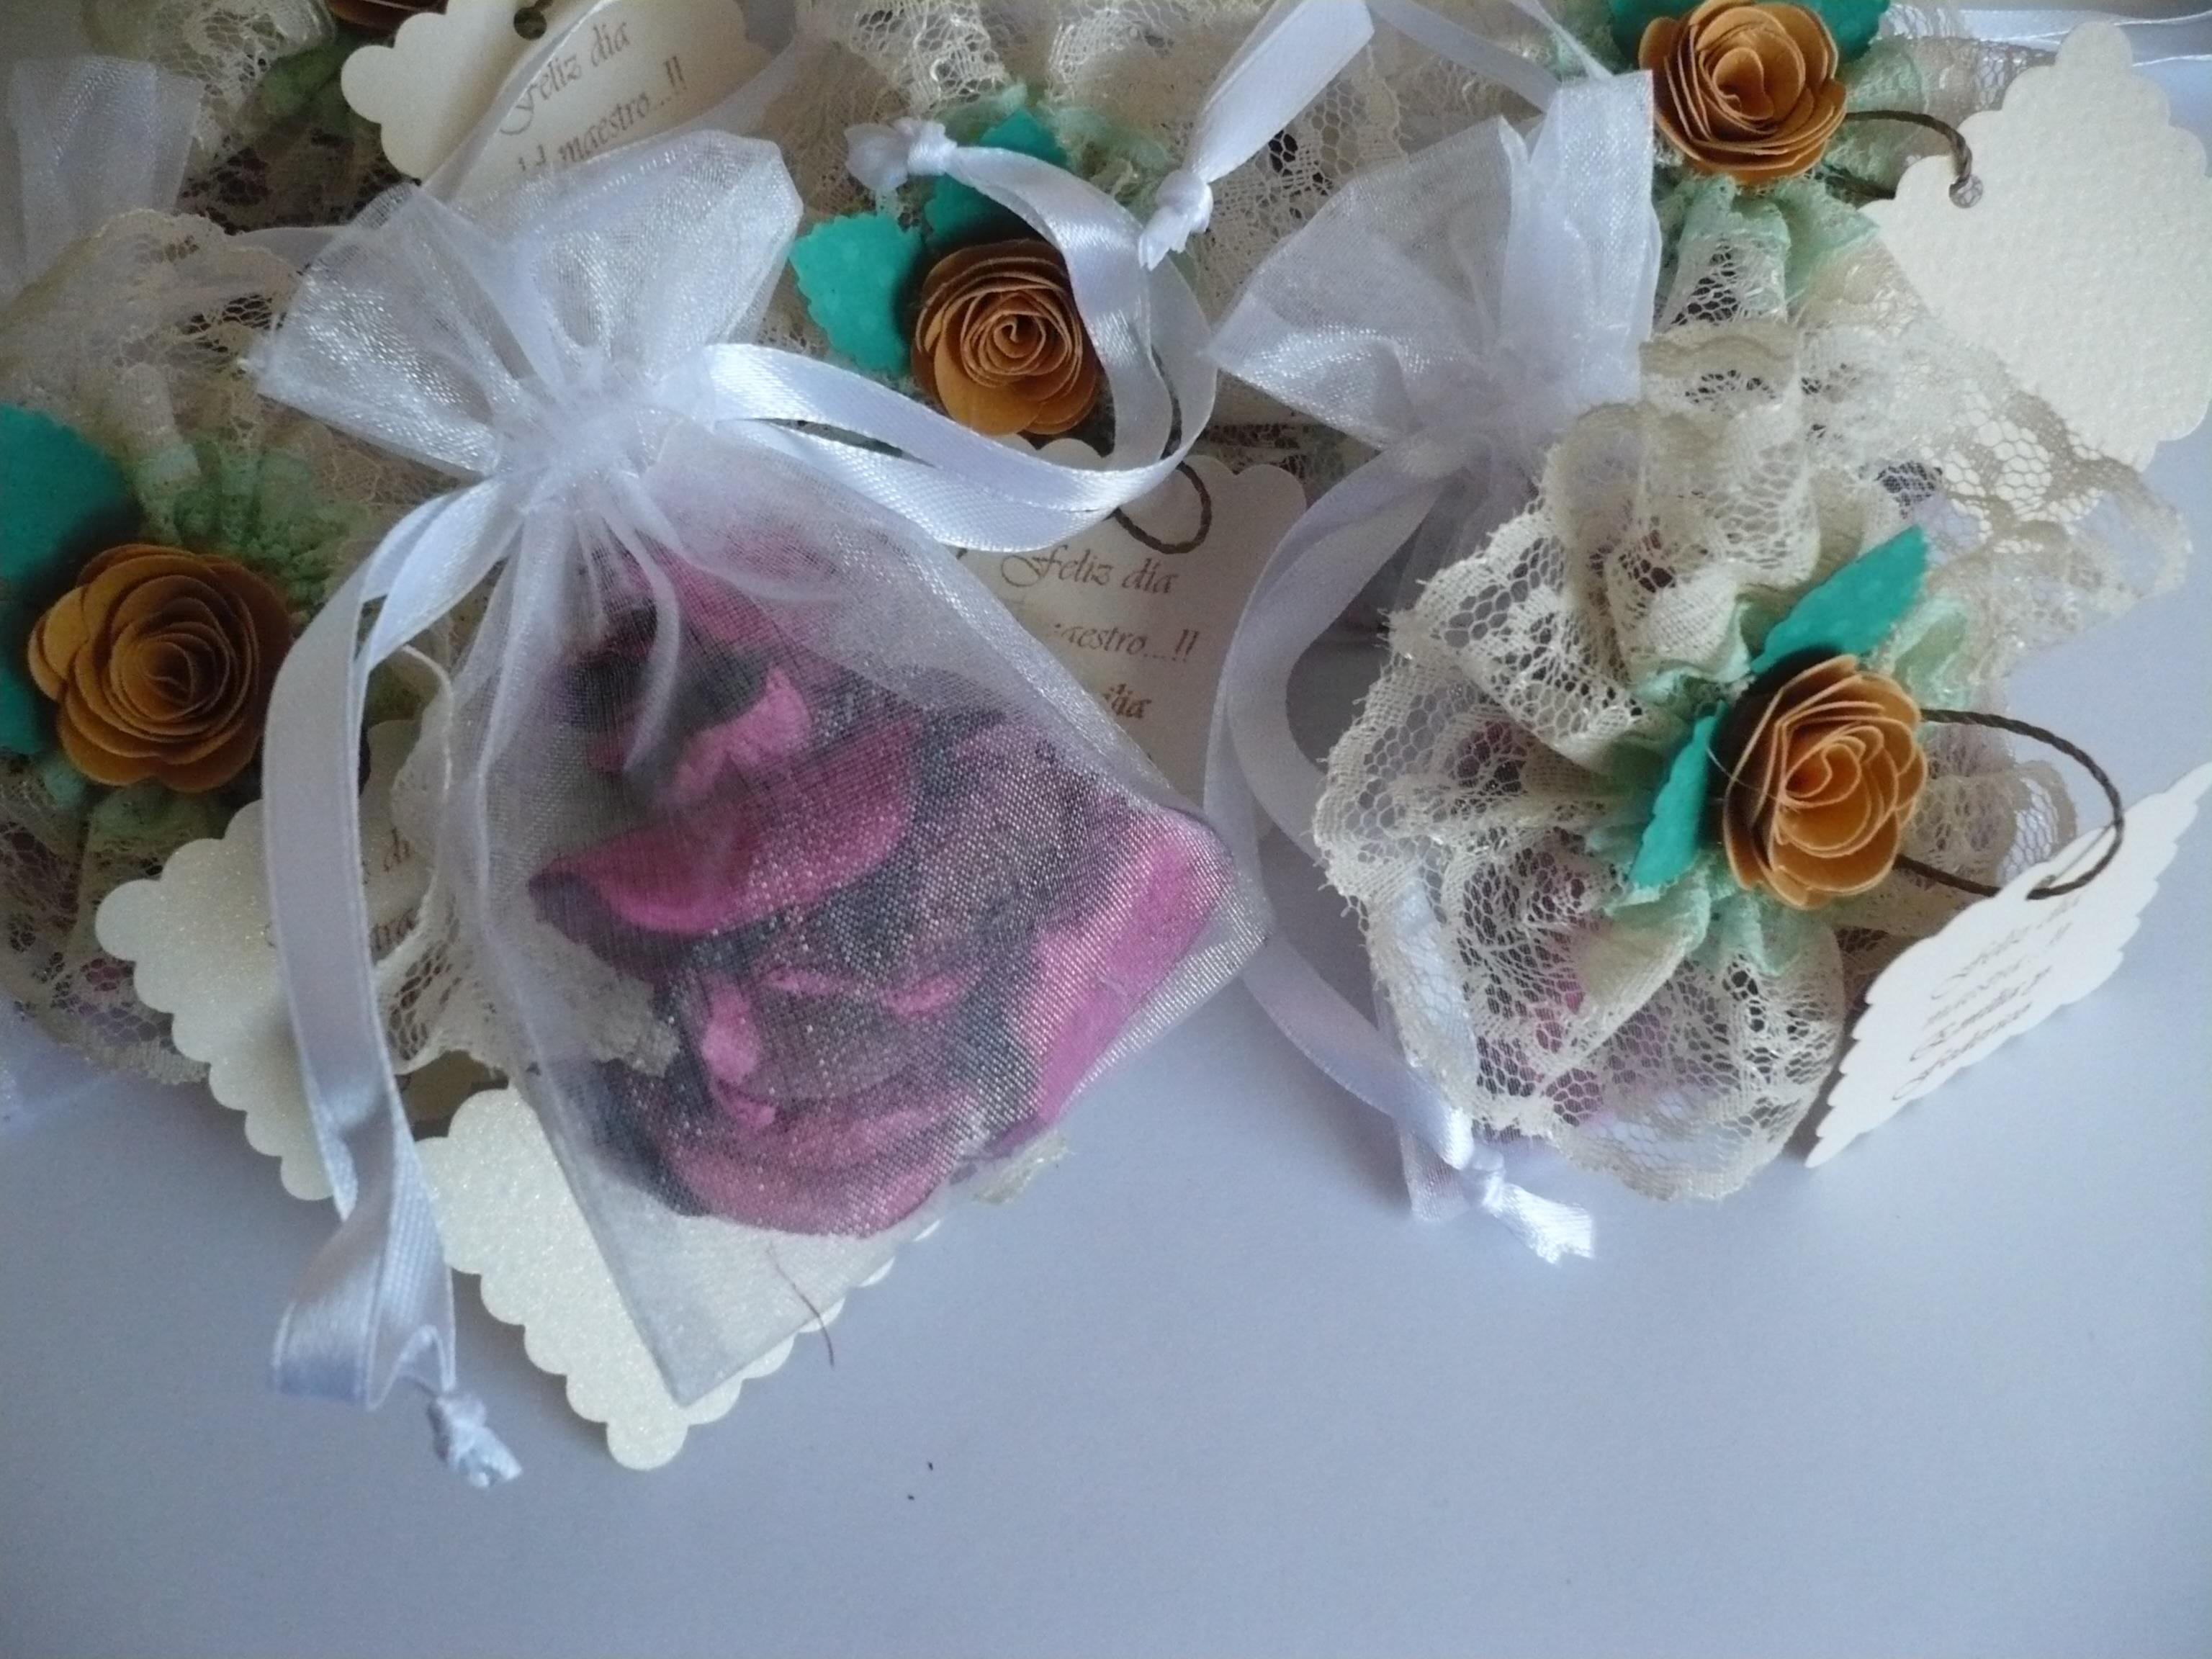 30 09 15 (foto 2) bolsitas de organza decoradas con puntillas y flor de papel realizada artesanalmen